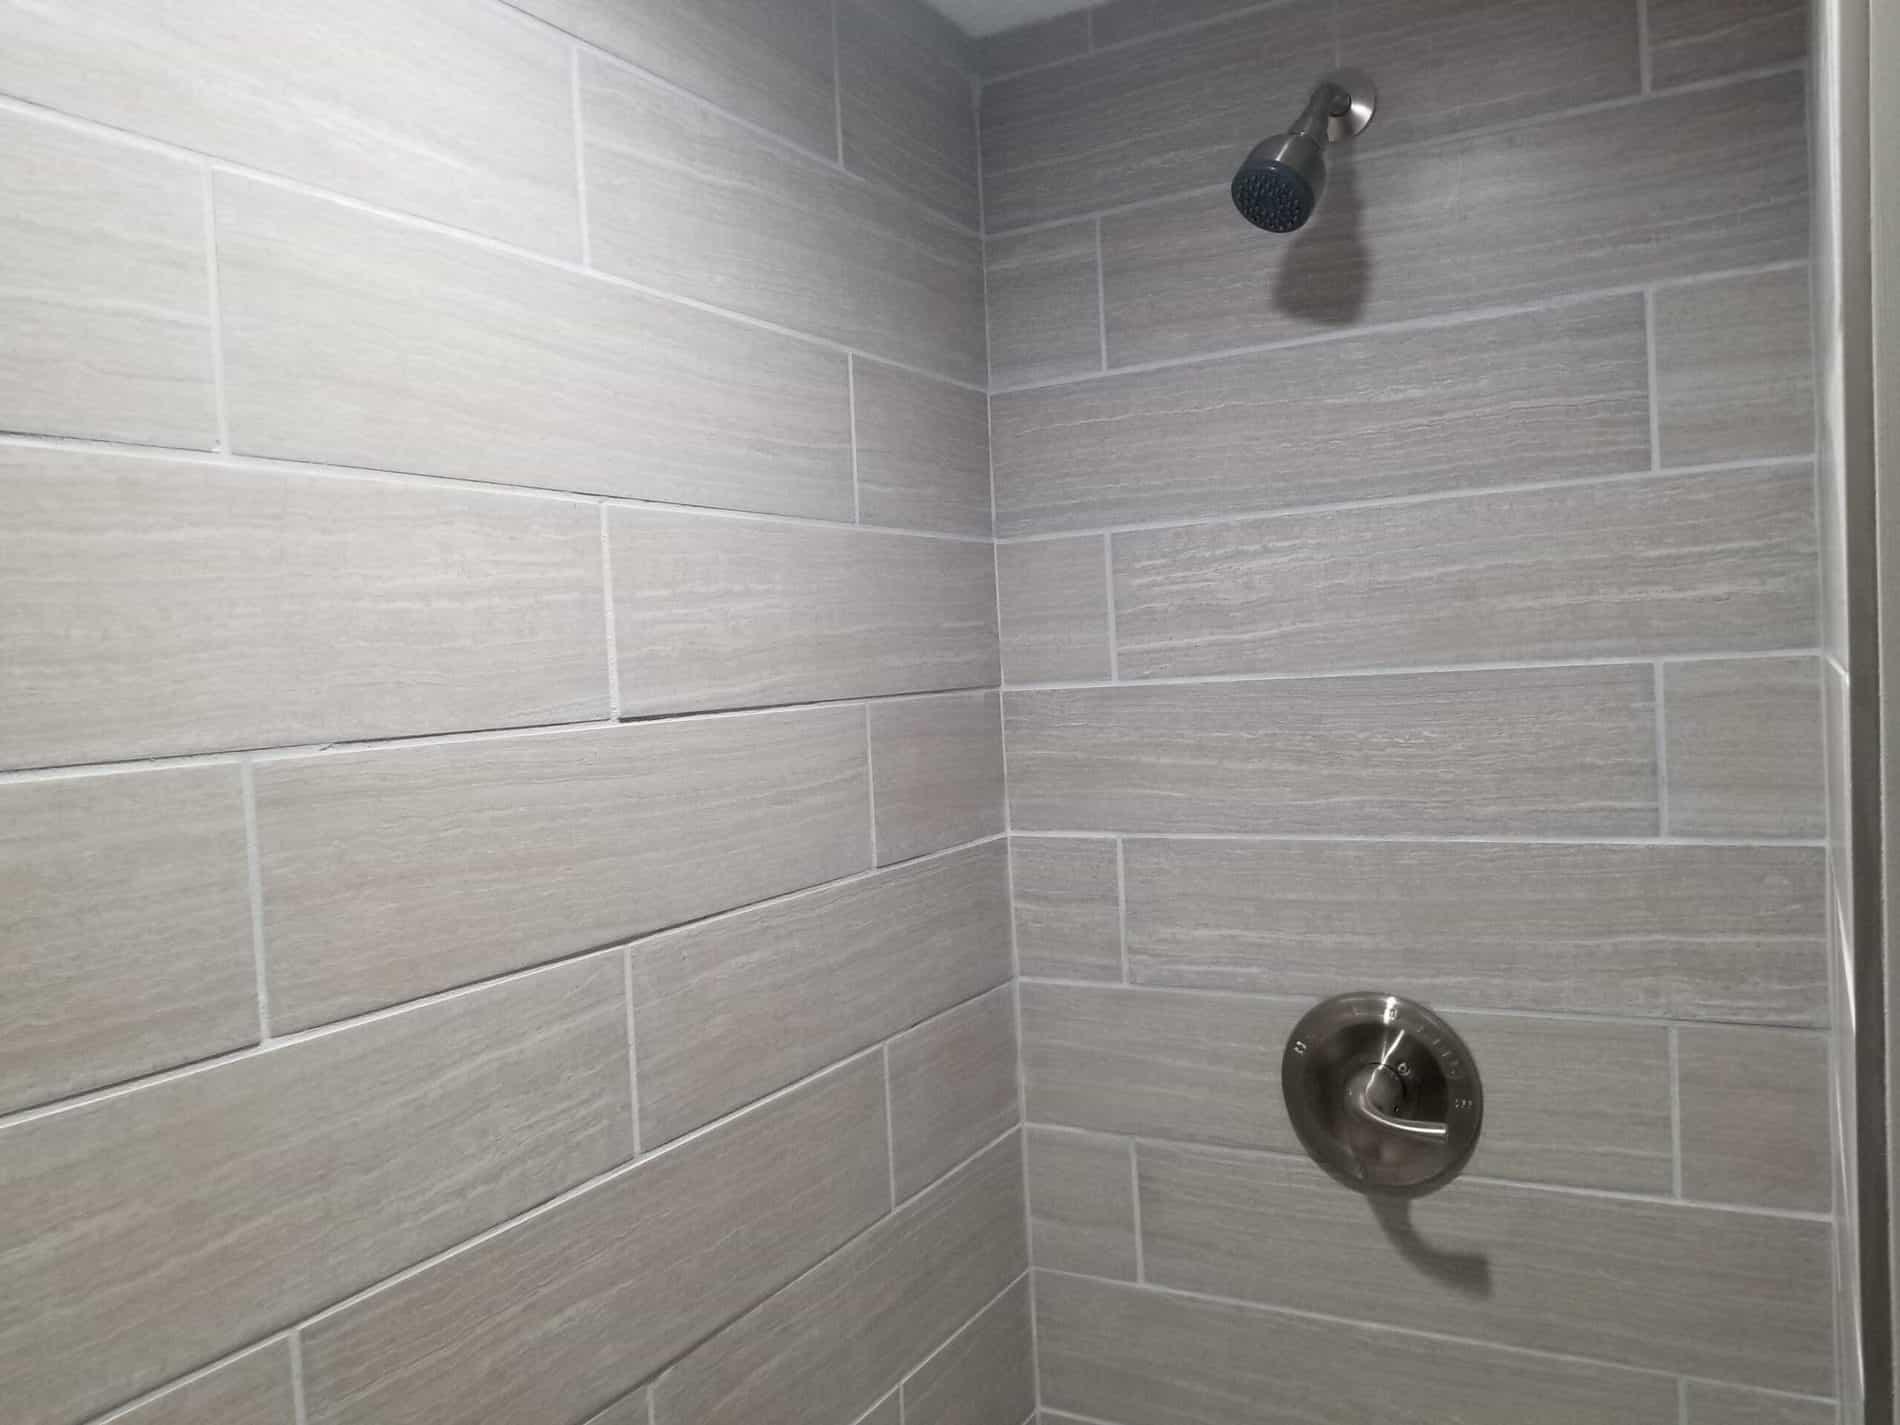 Master Bathroom Remodeling with Shower Tile